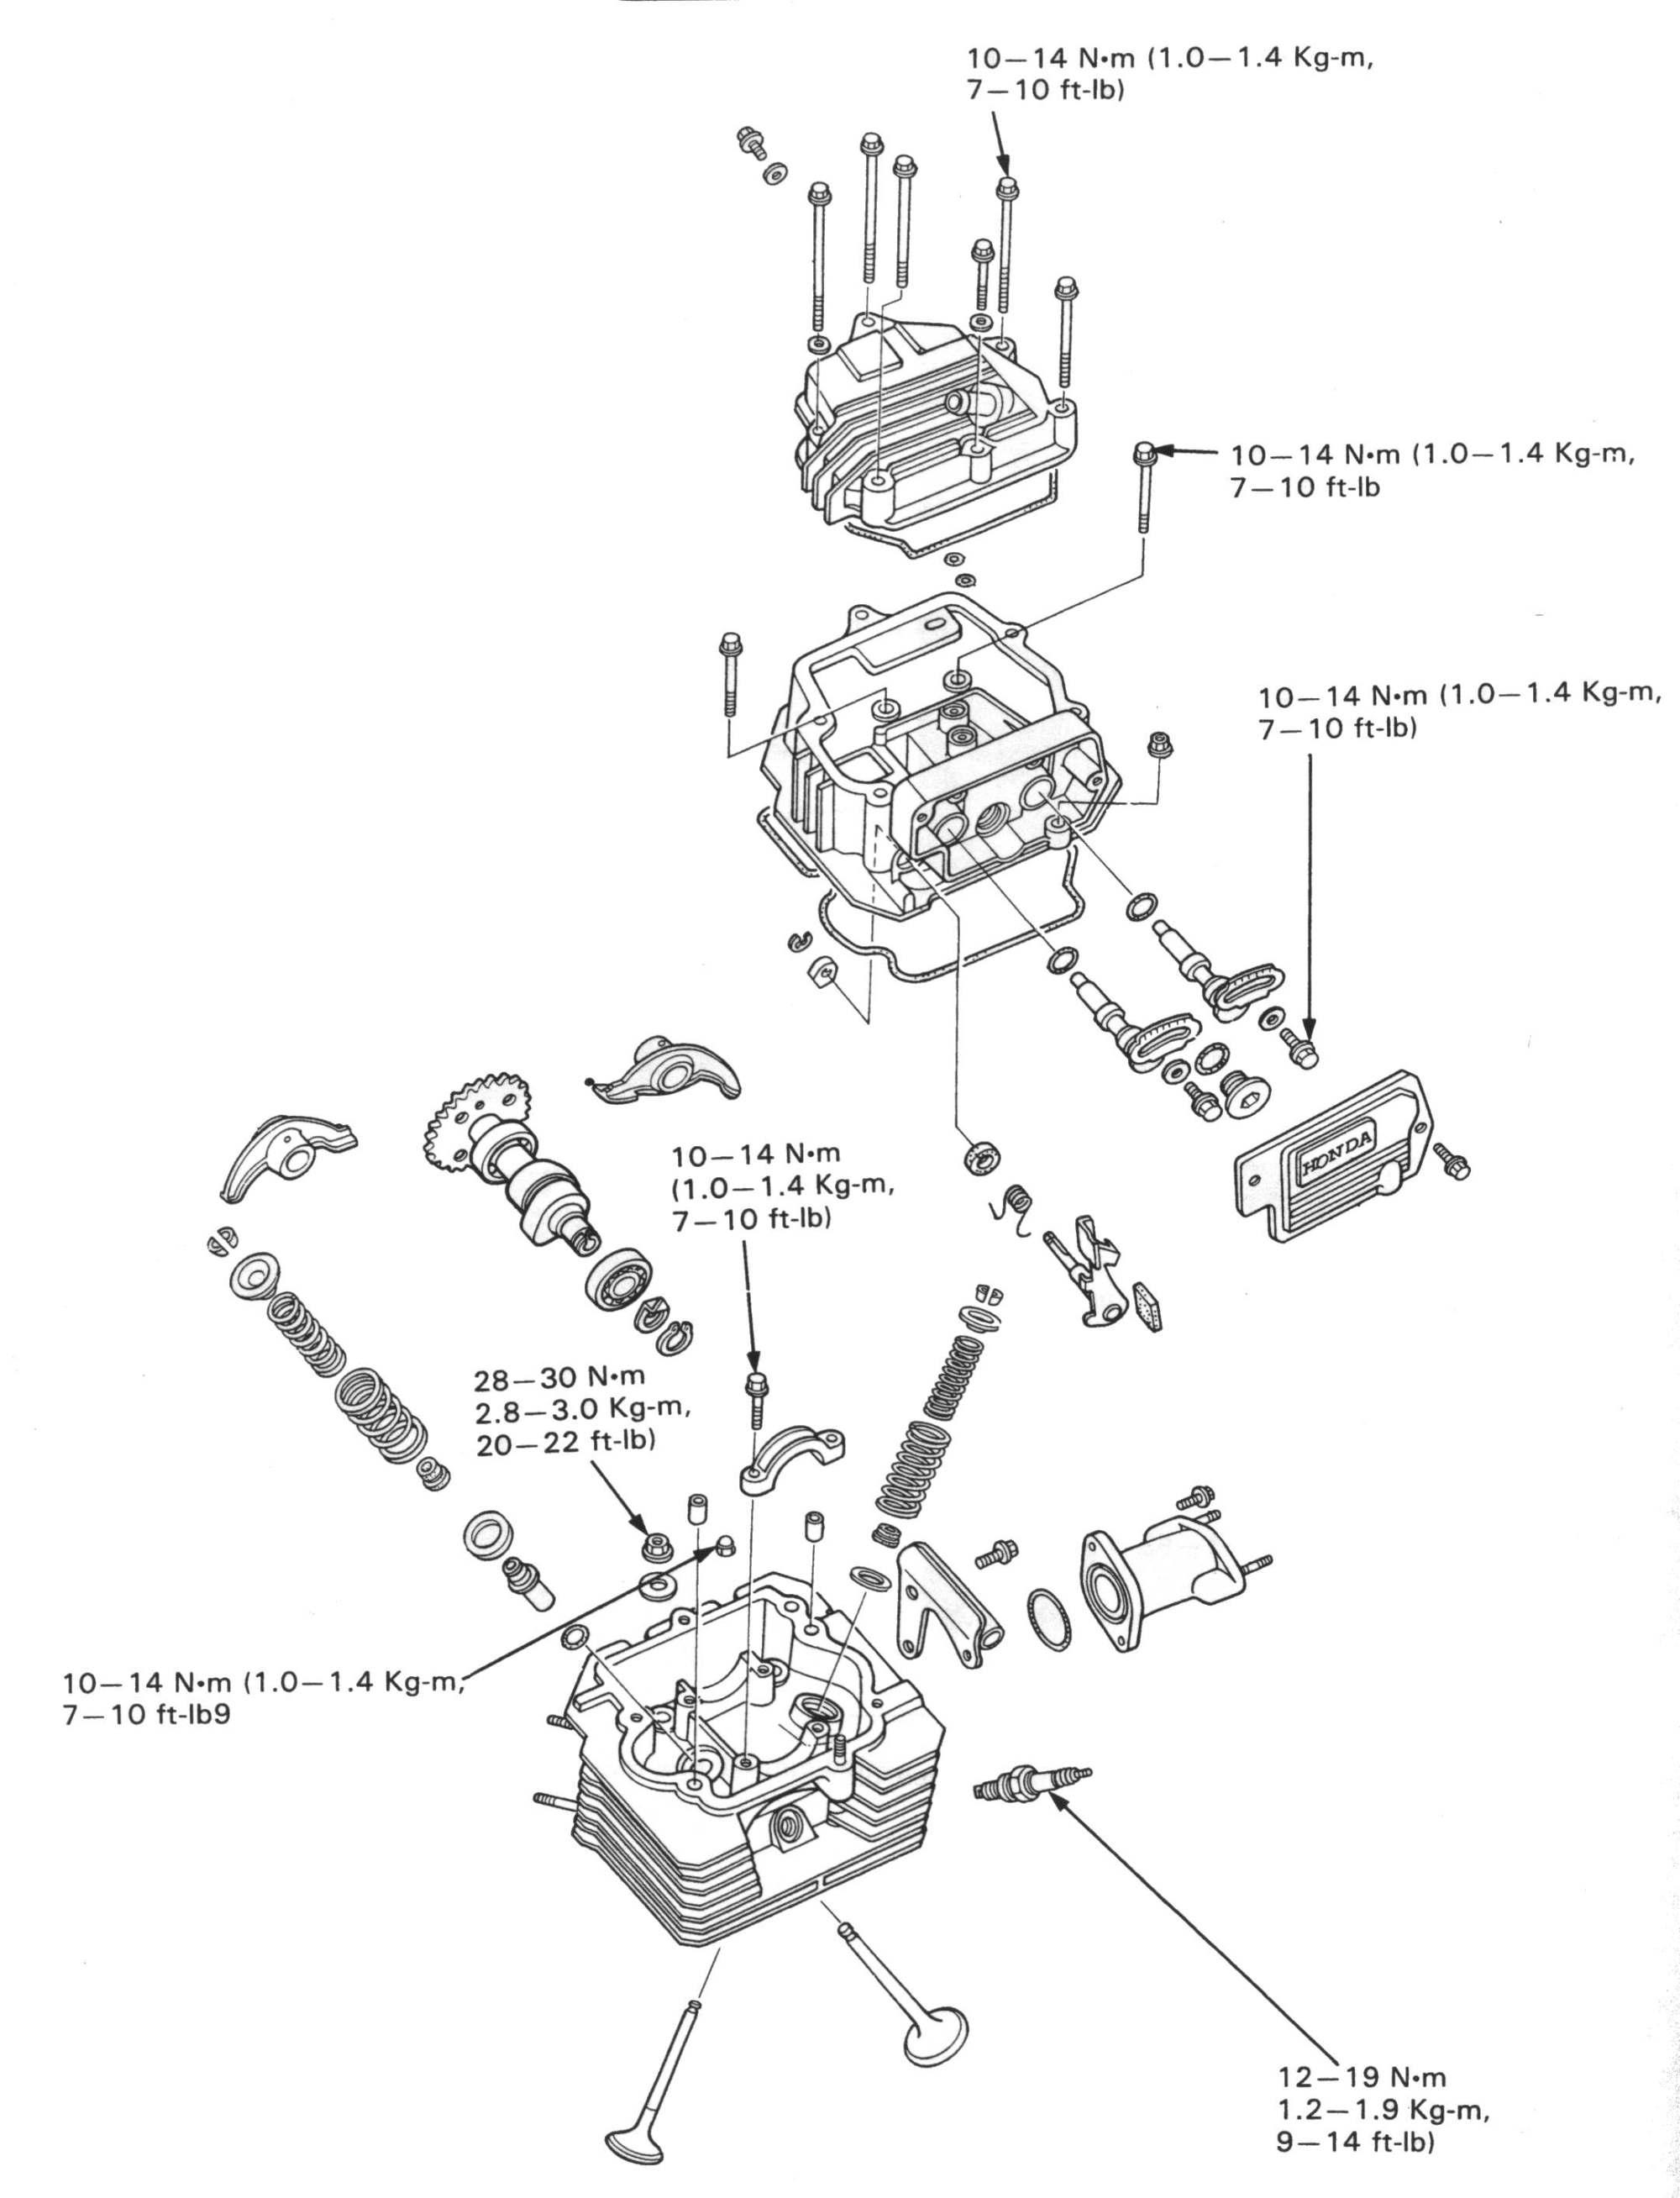 hight resolution of mio engine schematics wiring diagram blog mio engine schematics